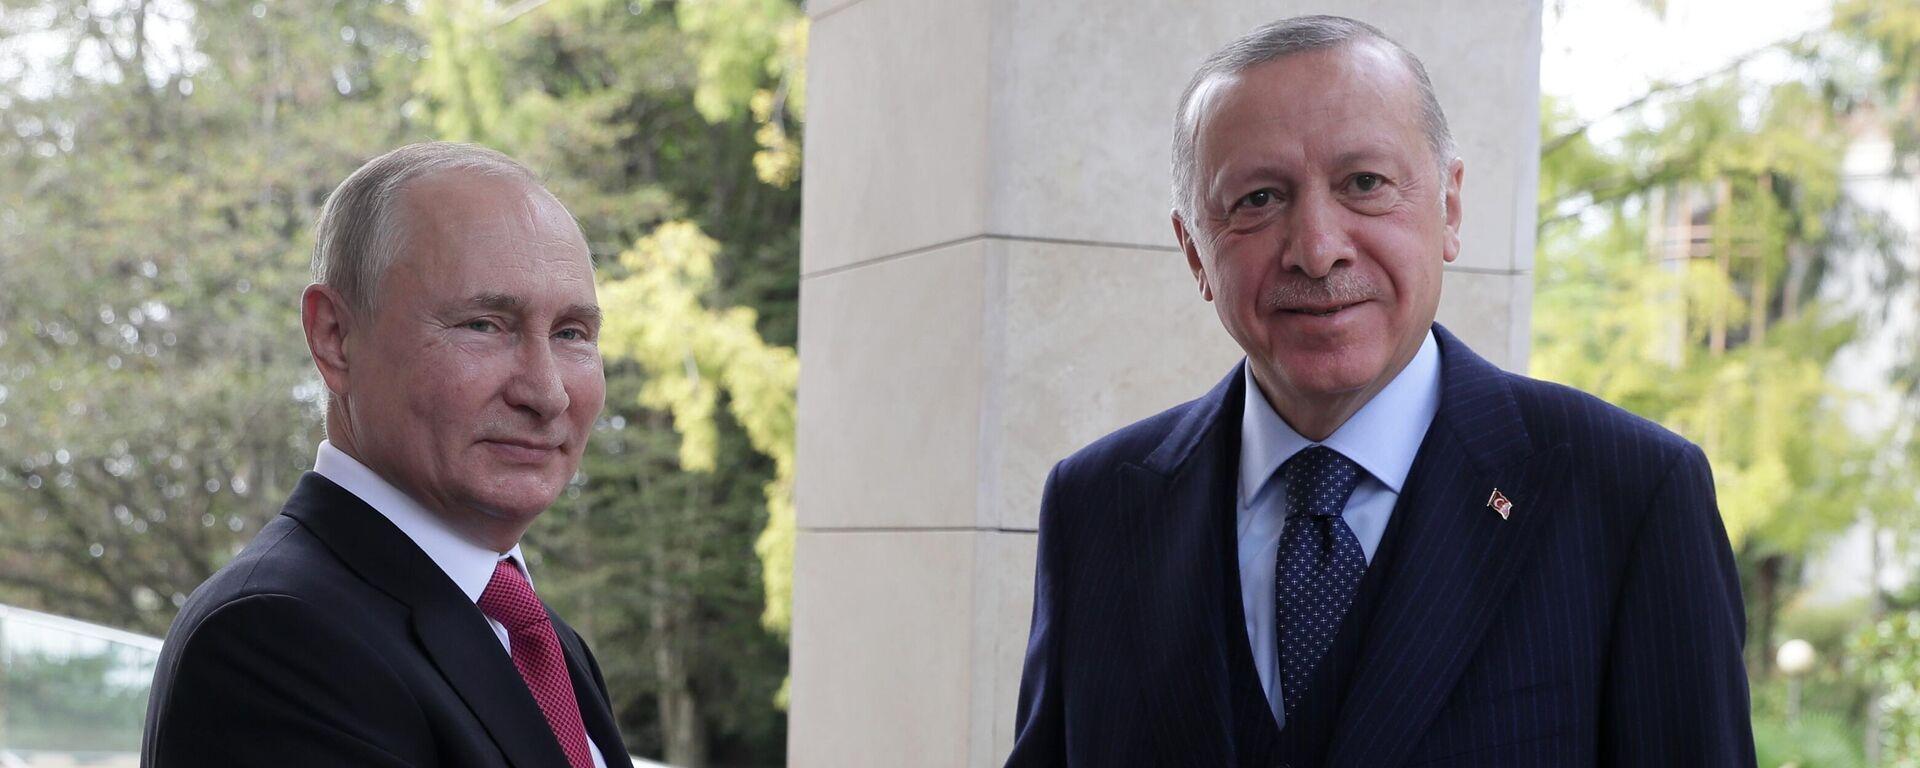 Президент РФ В. Путин провел переговоры с президентом Турции Р. Эрдоганом - Sputnik Ўзбекистон, 1920, 29.09.2021